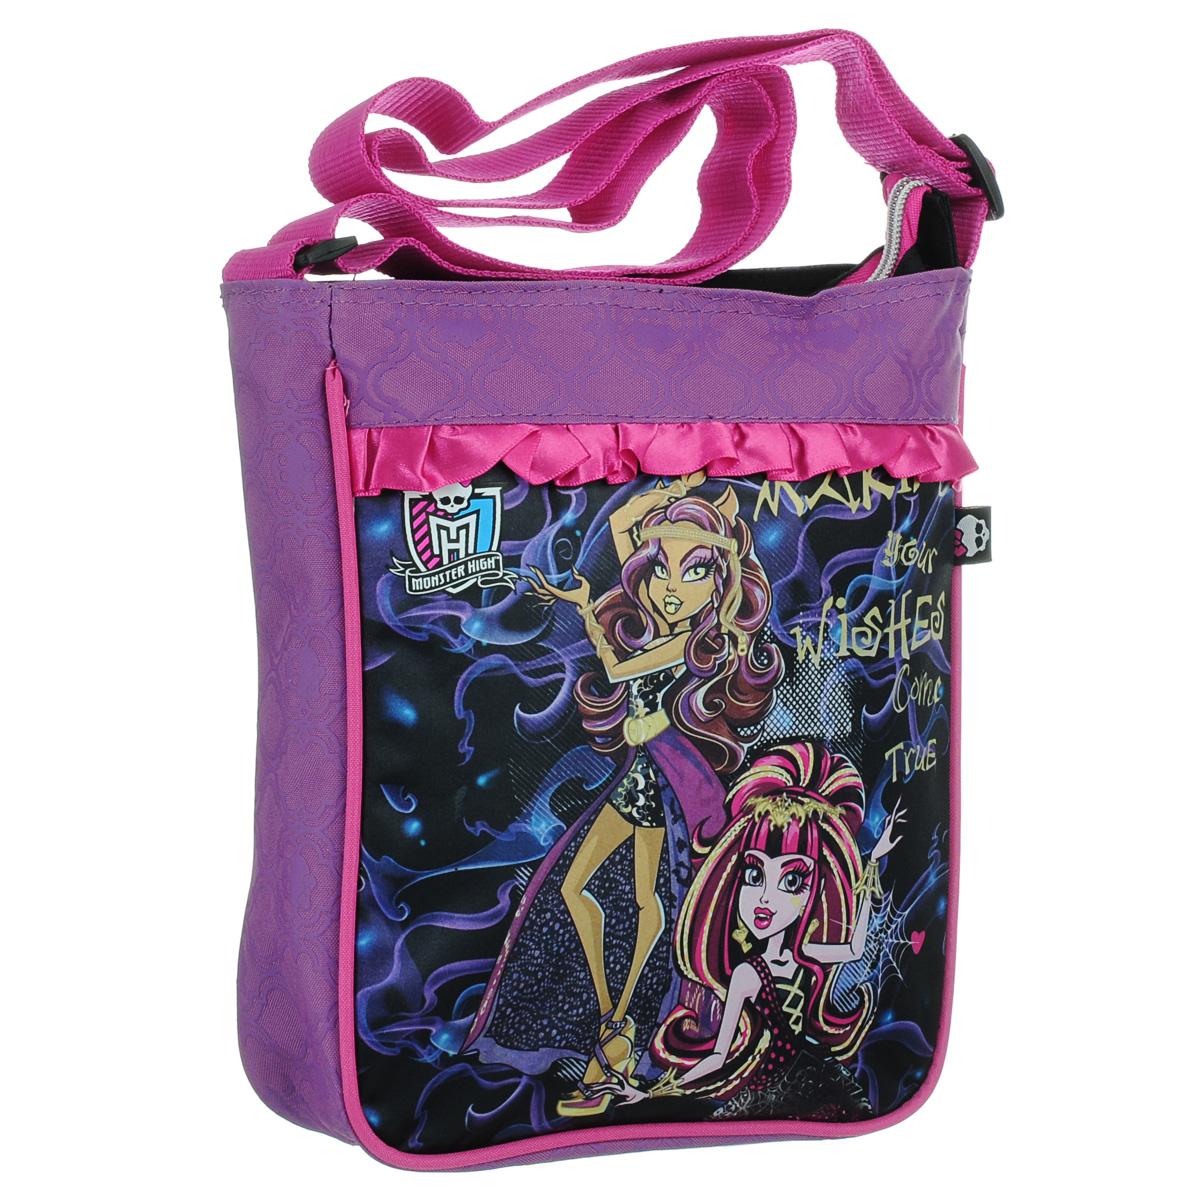 Сумка-планшет Monster High, цвет: розовый, фиолетовый. 8530385303Сумка-планшет Monster High станет незаменимым аксессуаром юной модницы! Она выполнена из полиэстера, оформлена изображением героинь популярного мультсериала Школа Монстров и надписью Making Your Wishes Come True. Также сумку украшают розовые атласные рюши. Сумка имеет одно основное отделение, закрывающееся на металлическую застежку-молнию. Бегунок декорирован резиновым элементом в виде черепа. Внутри расположен вшитый карман на молнии. Сумка снабжена удобным плечевым ремнем регулируемой длины. Максимальная длина ремня - 116 см, минимальная - 58 см. Каждая поклонница Школы Монстров будет в восторге от такого аксессуара!